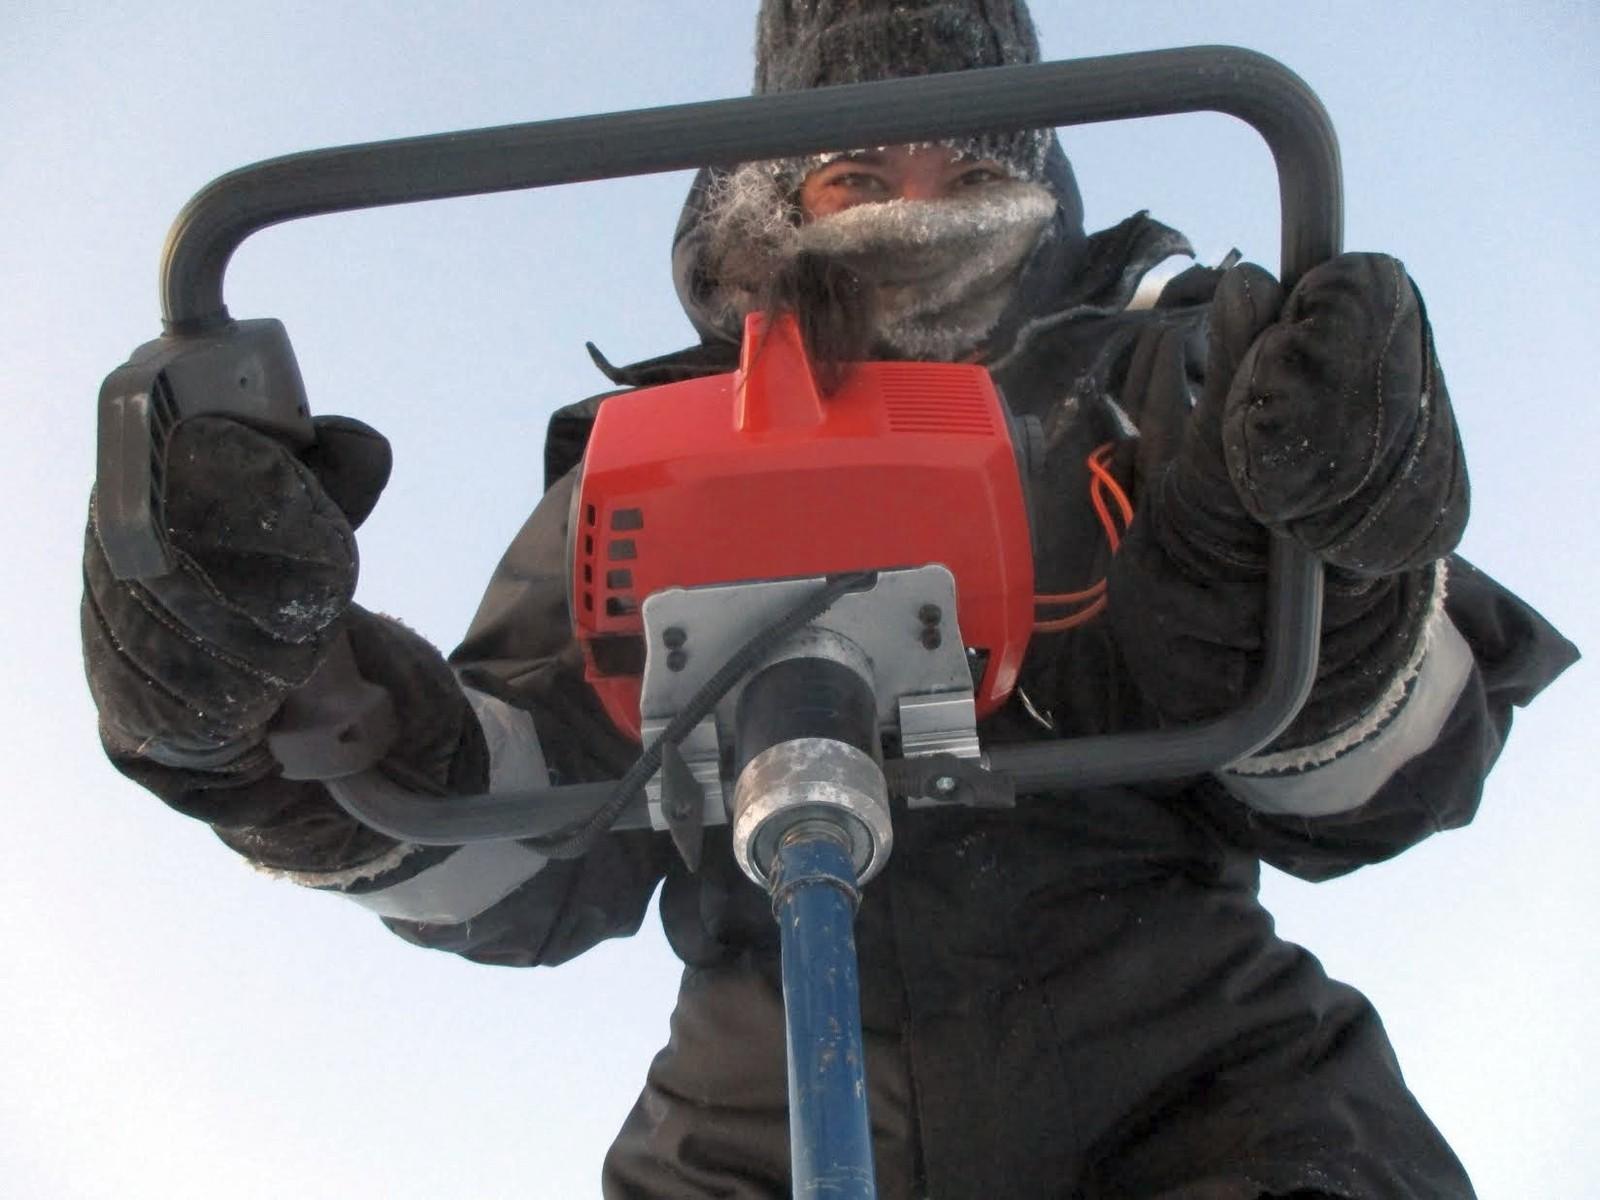 Feltarbeidet er organisert av Ph.D. student Martina Lan Salomon. Her tar hun isprøver av havisen.